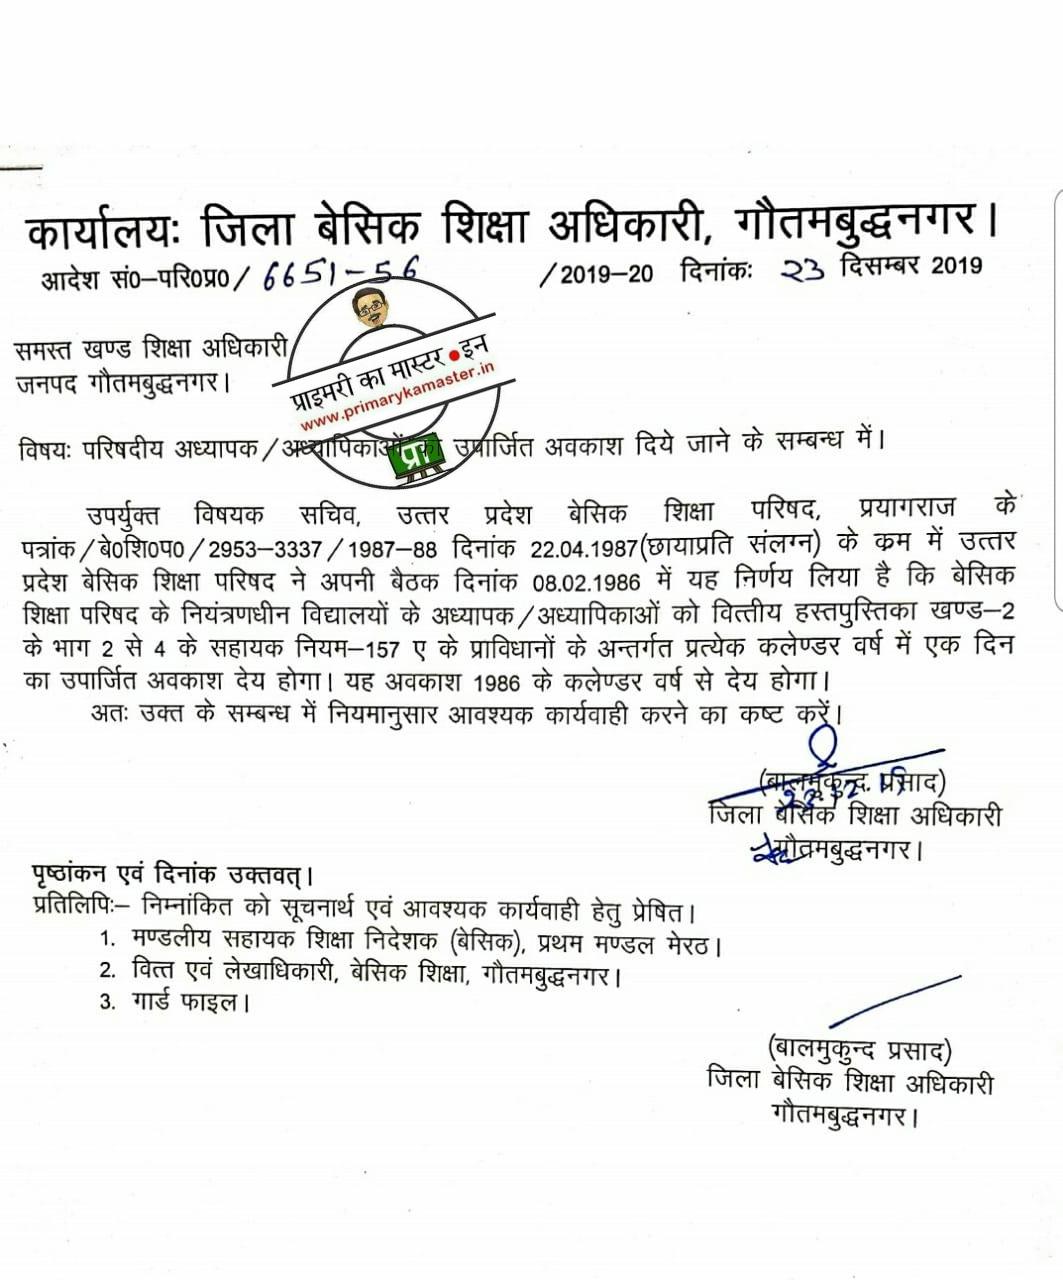 गौतमबुद्धनगर : परिषदीय शिक्षकों को प्रत्येक केलेण्डर वर्ष में एक उपार्जित अवकाश देय होने सम्बन्धी आदेश जारी, आदेश देखें